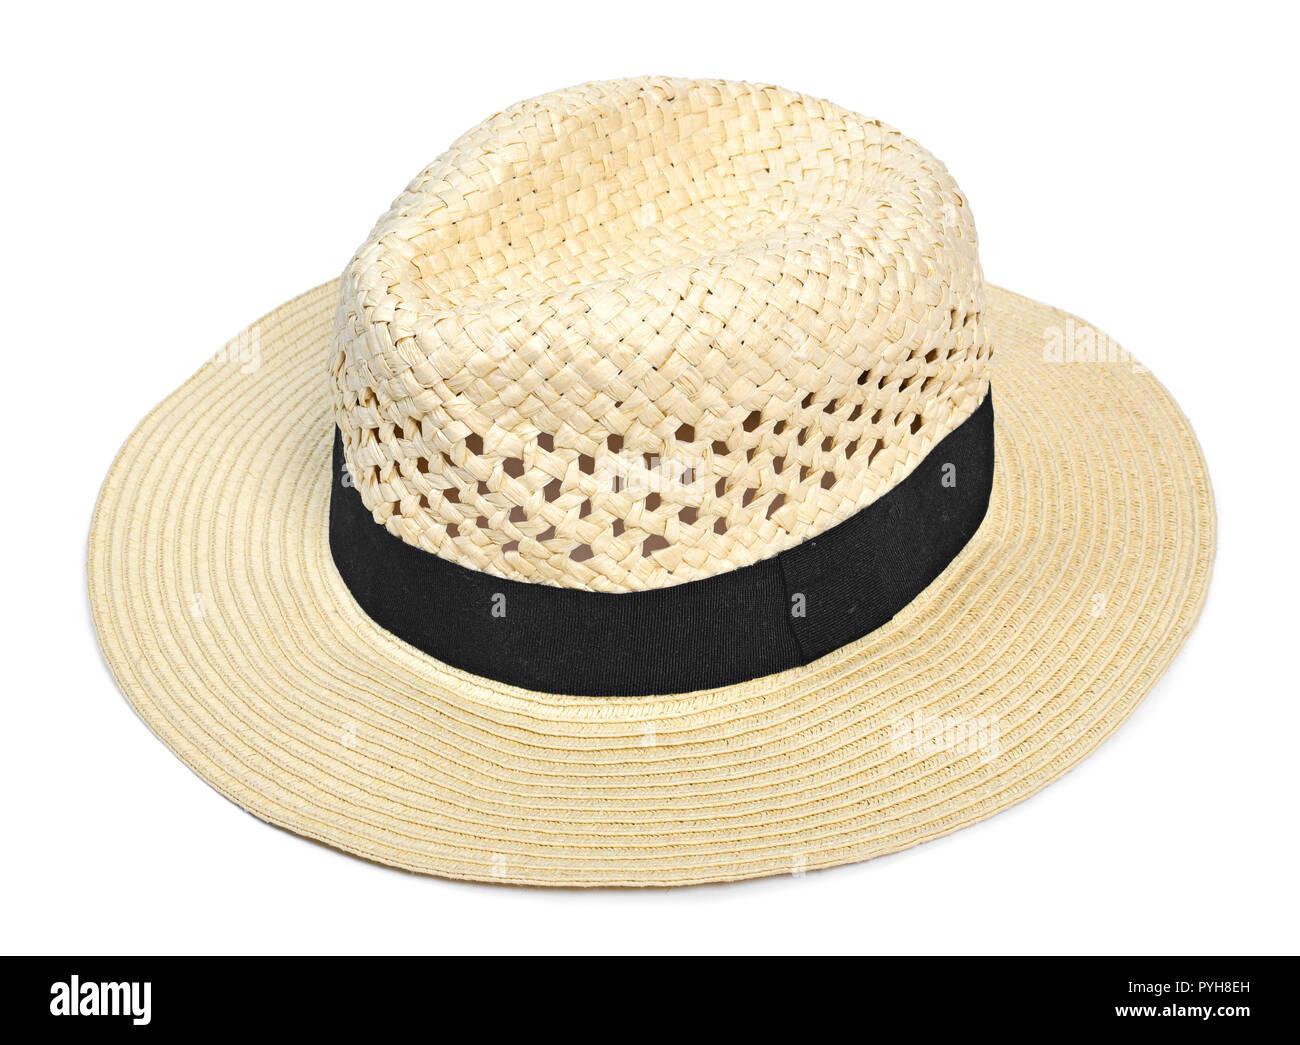 79cda9a09afcf Sombrero Panamá sombrero tradicional de verano con negro hatband o ribbon